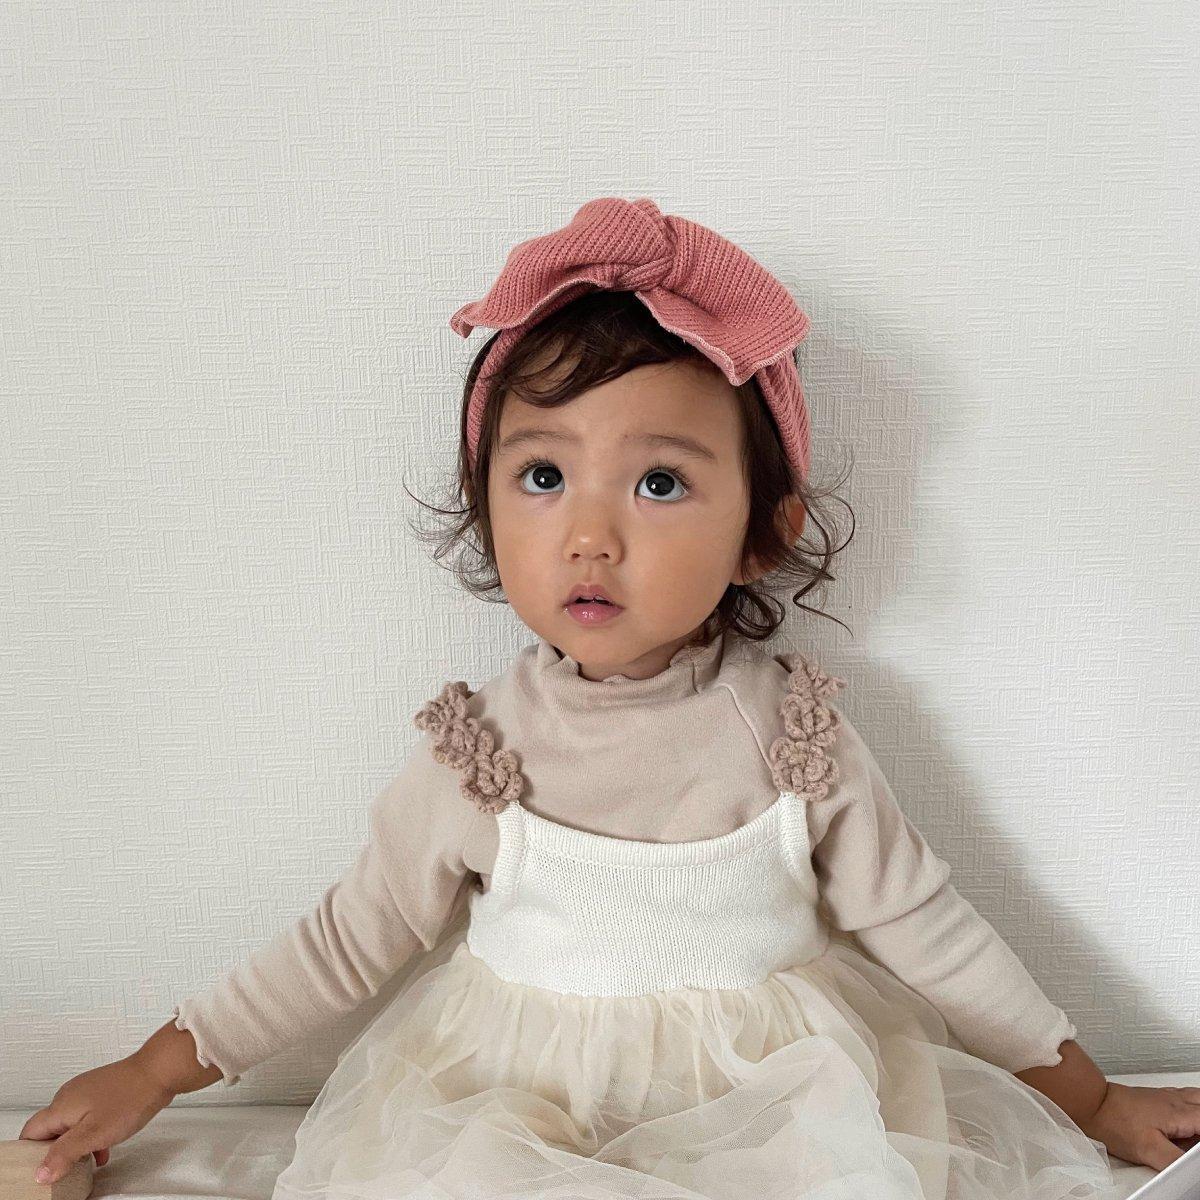 【BABY】Baby Knit Turban 詳細画像7